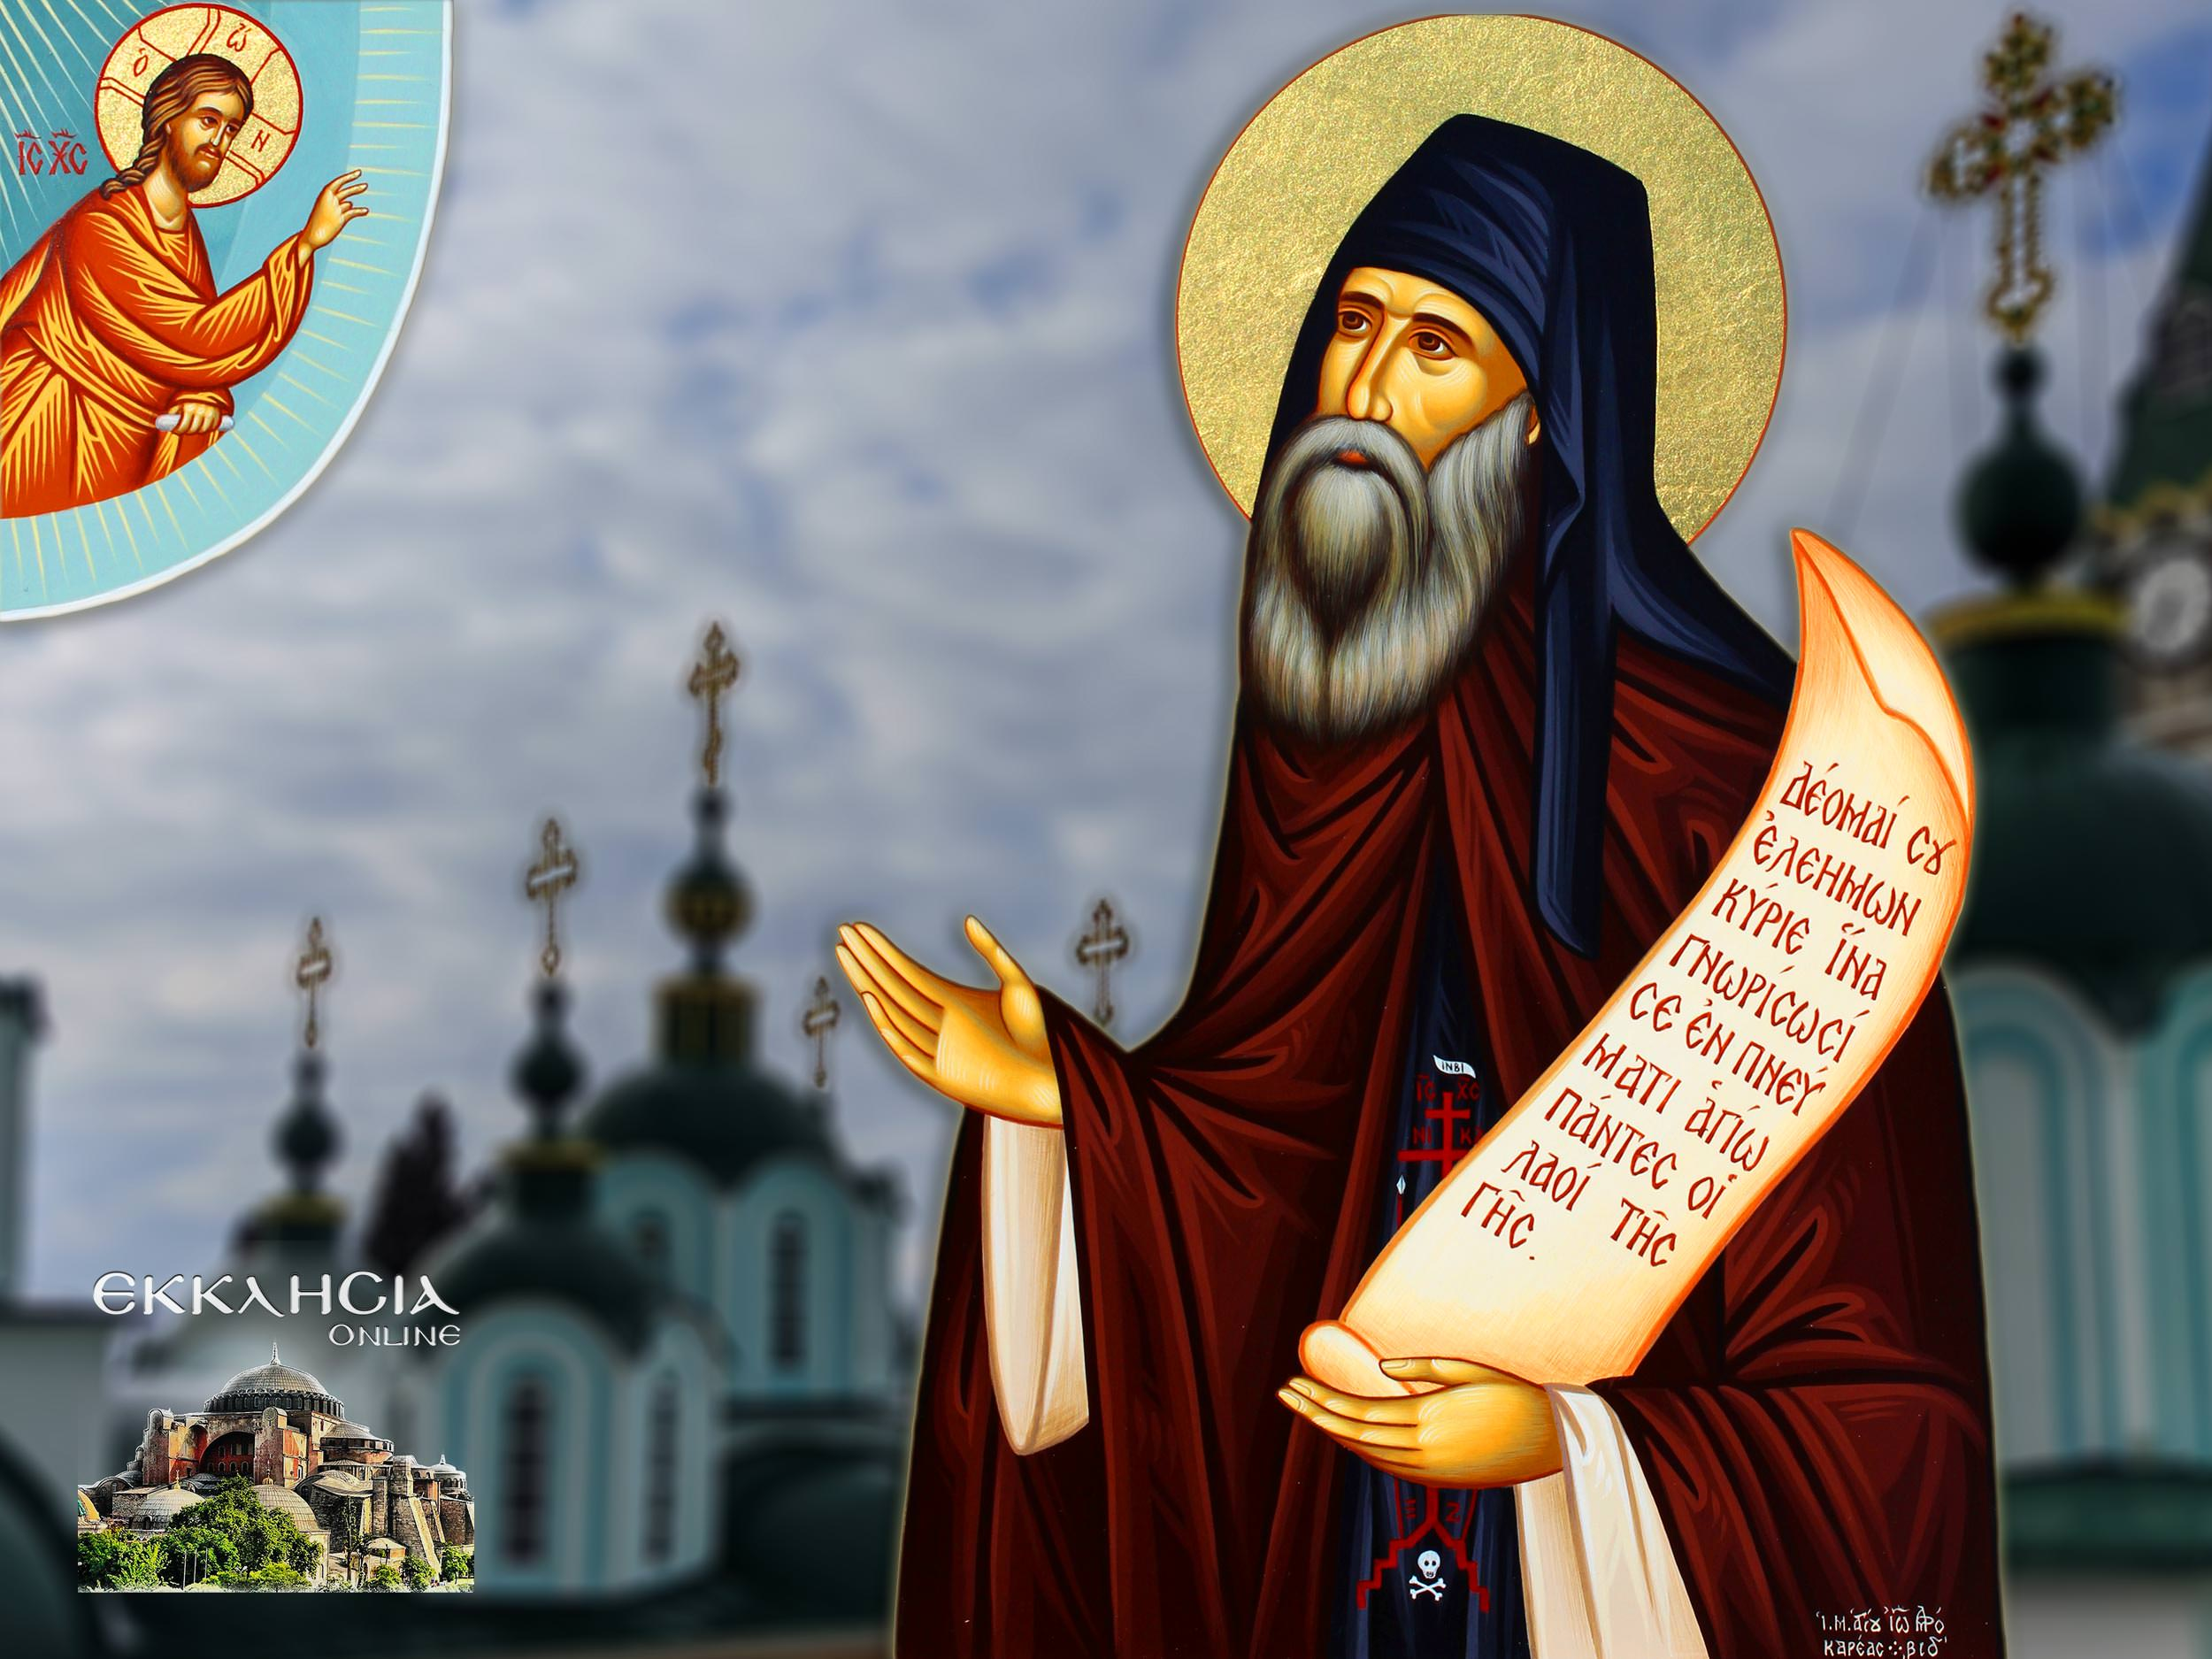 Άγιος Σιλουανός ο Αγιορείτης 24 Σεπτεμβρίου